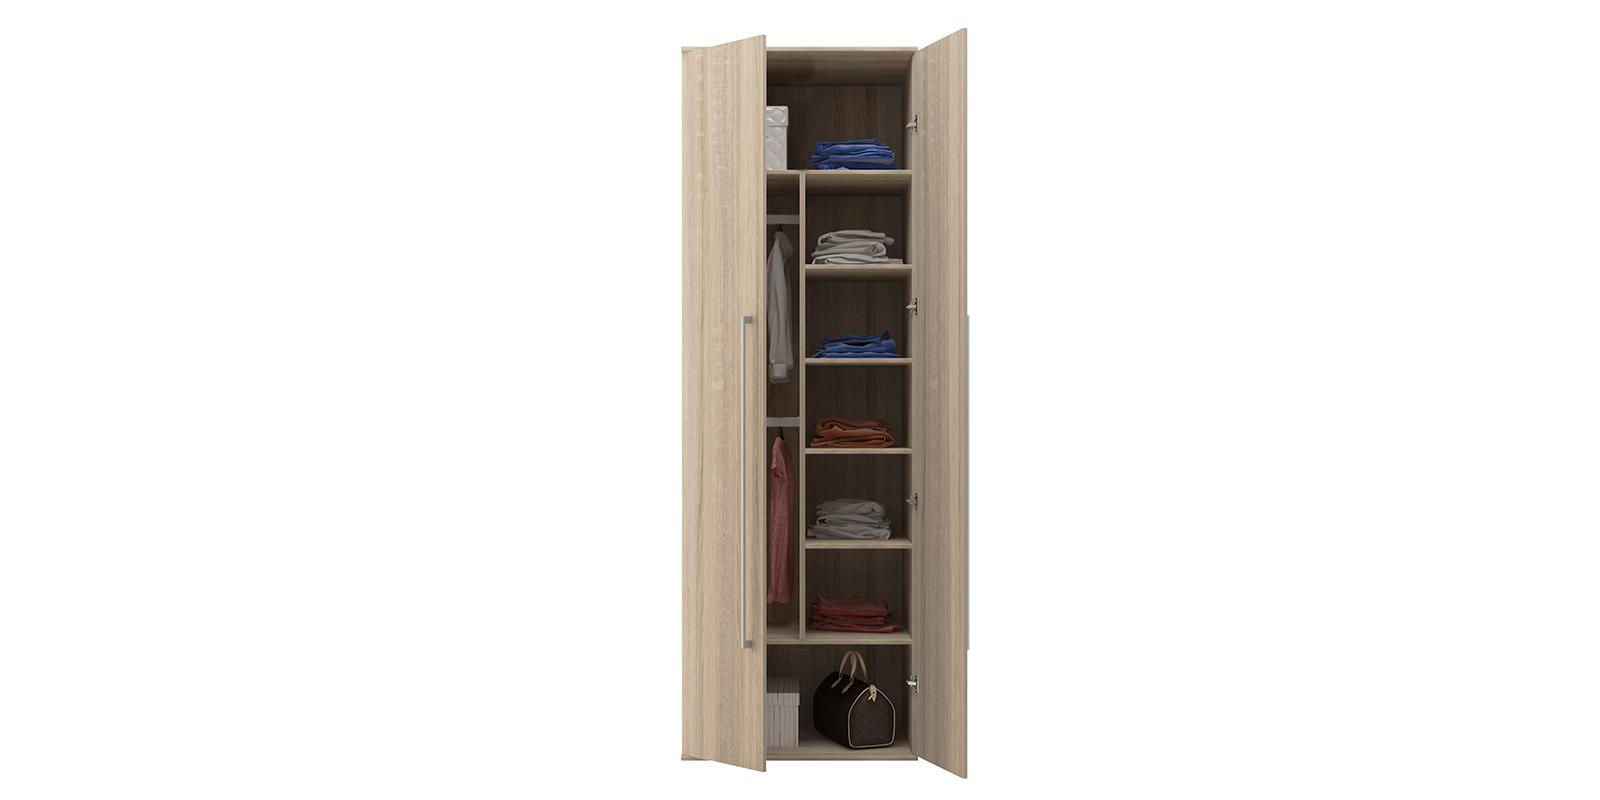 Шкаф распашной двухдверный Бали вариант №2 (дуб сонома) от HomeMe.ru